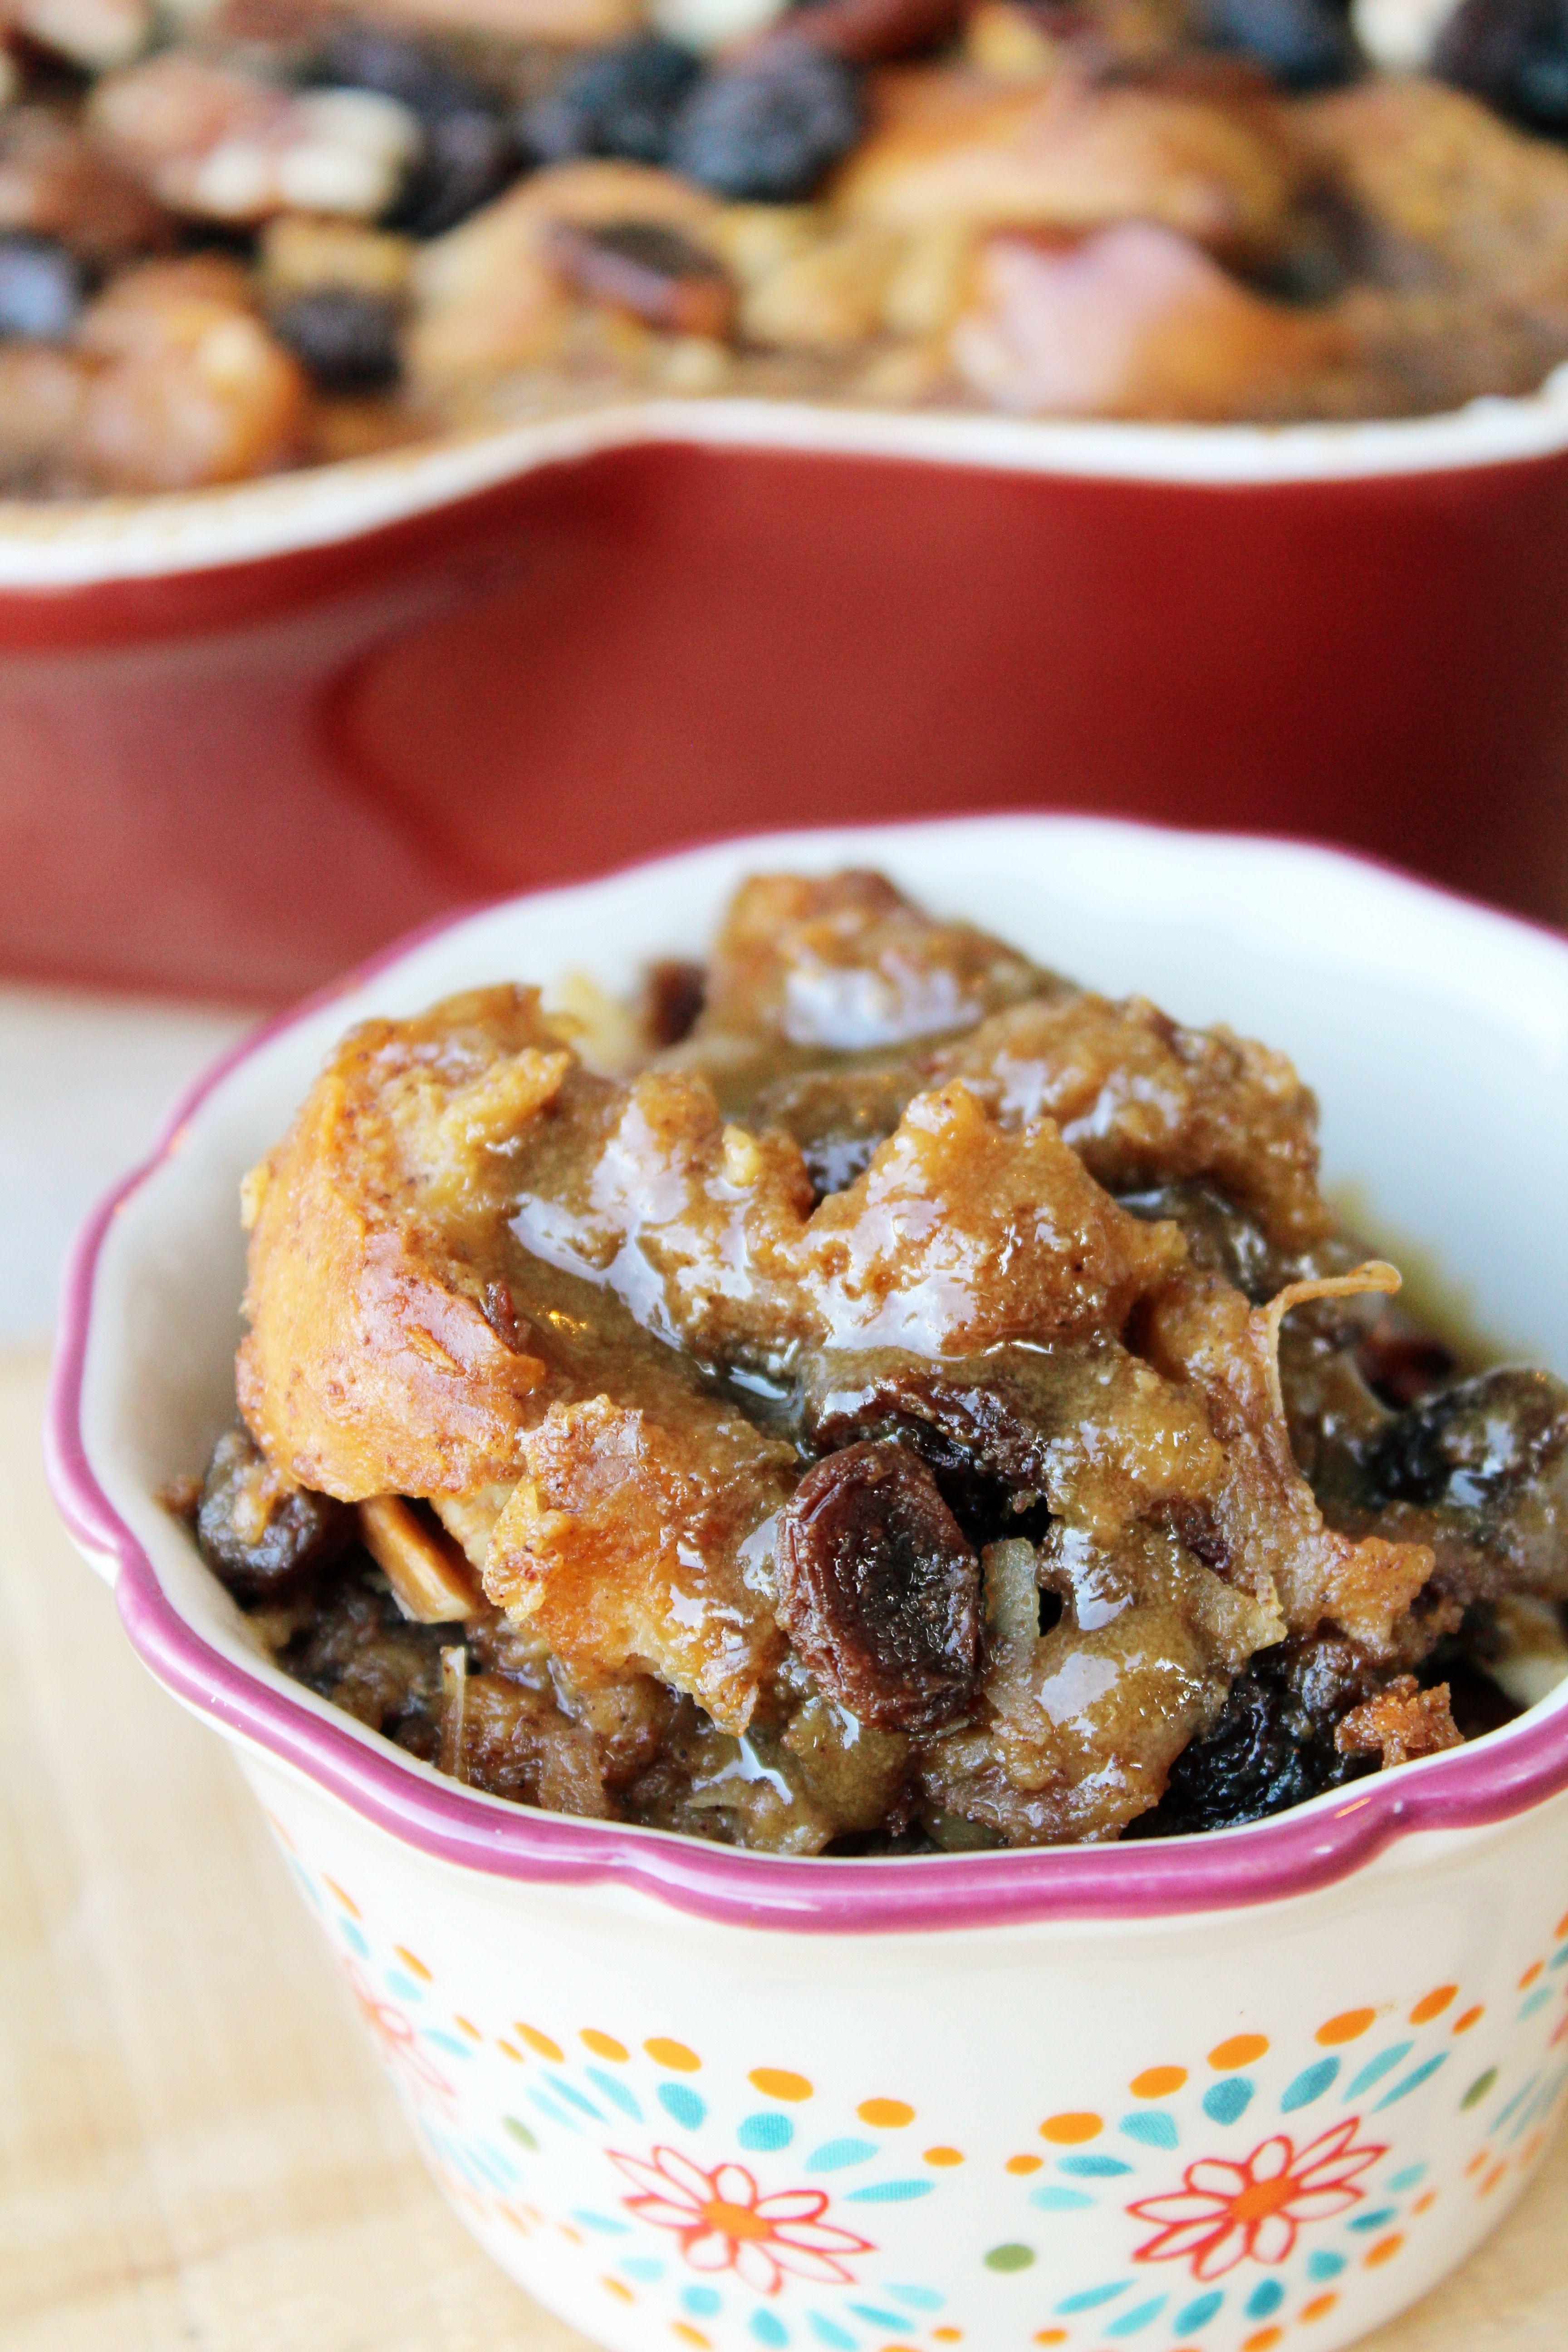 Capirotada Bread Pudding With A Maple Cream Sauce Gustonestle Ad Recipes Bread Pudding Delicious Desserts